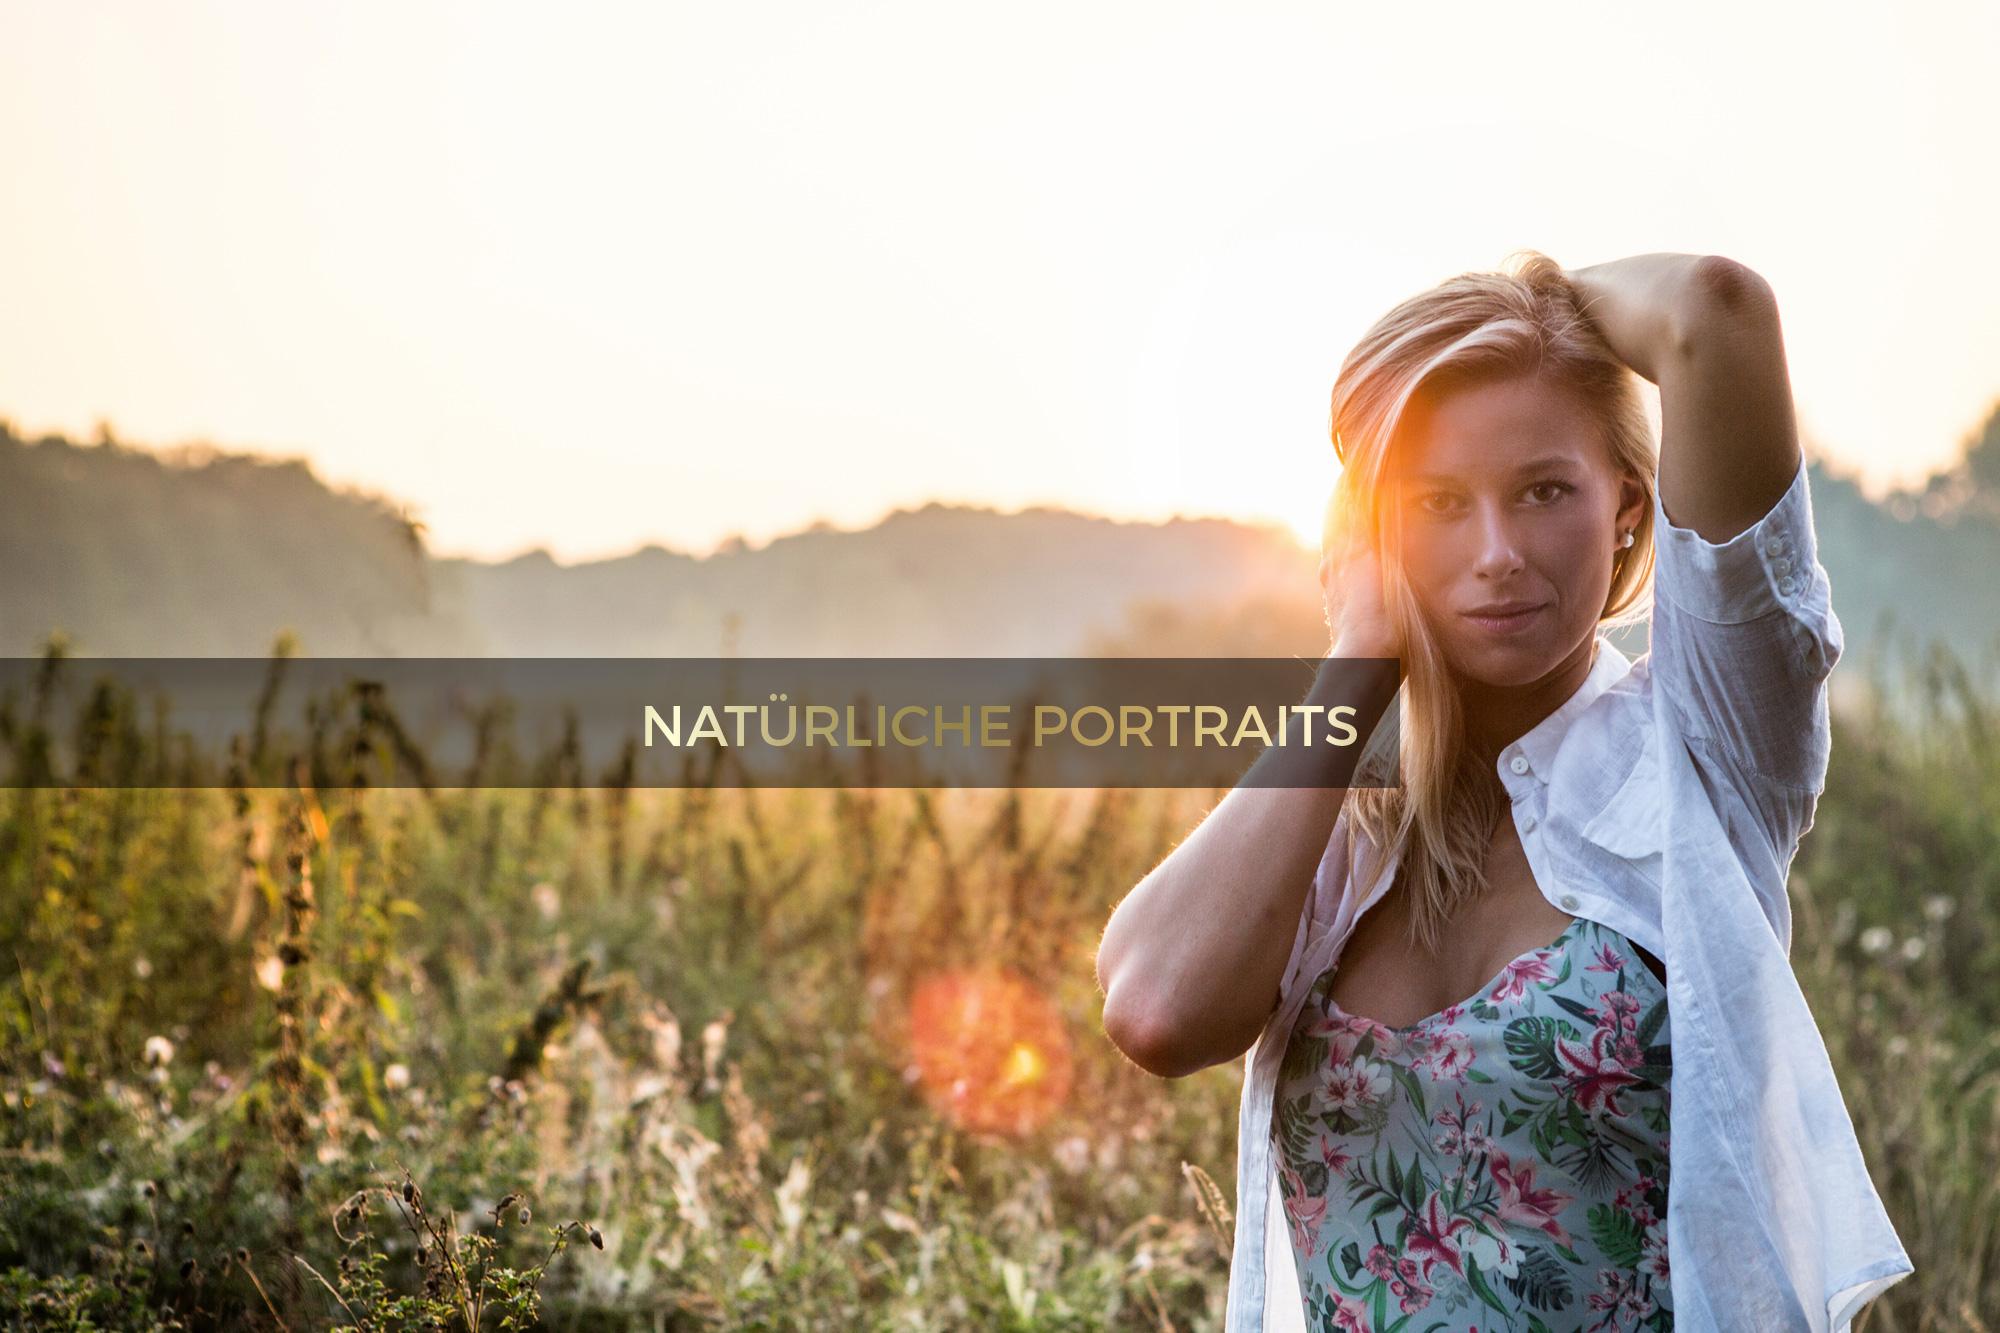 Natürliche Portaits